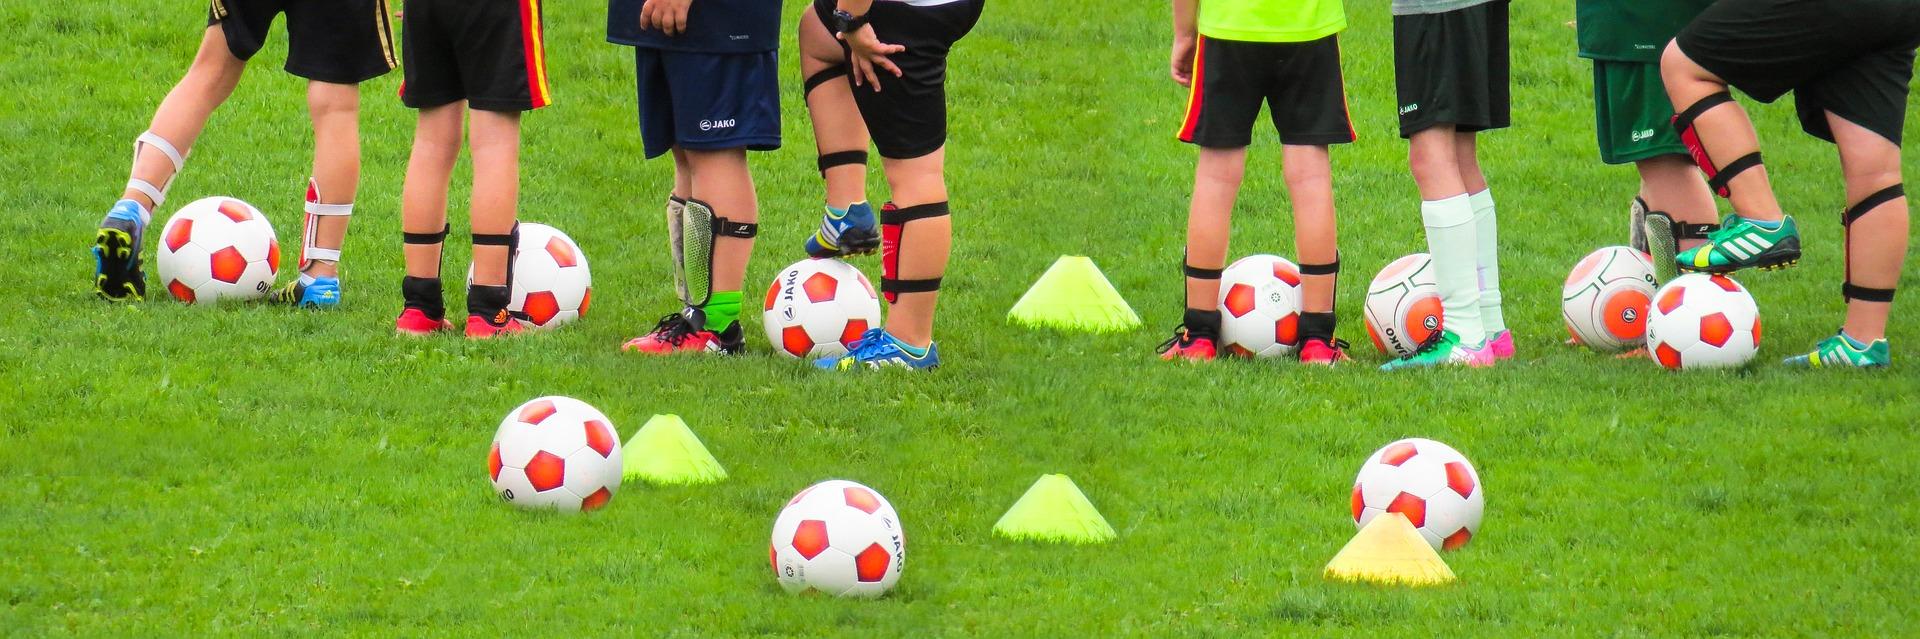 Futbol mini